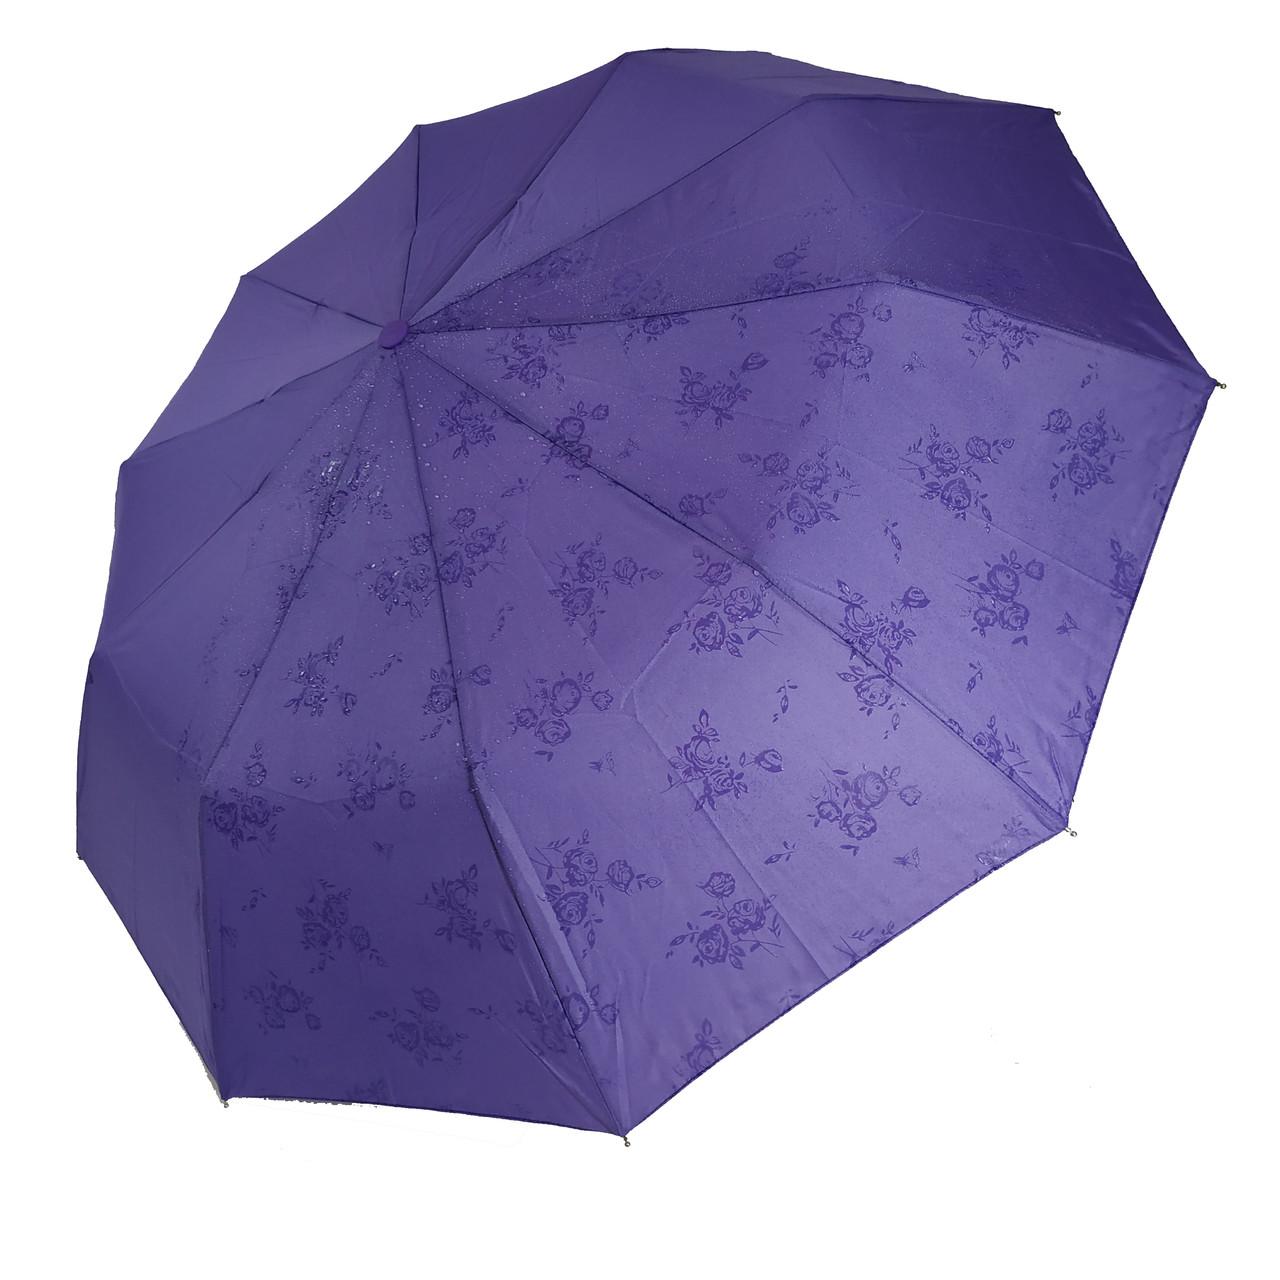 """Женский зонт-полуавтомат на 10 спиц Bellisimo """"Flower land"""", проявка, сиреневый цвет, 461-7"""